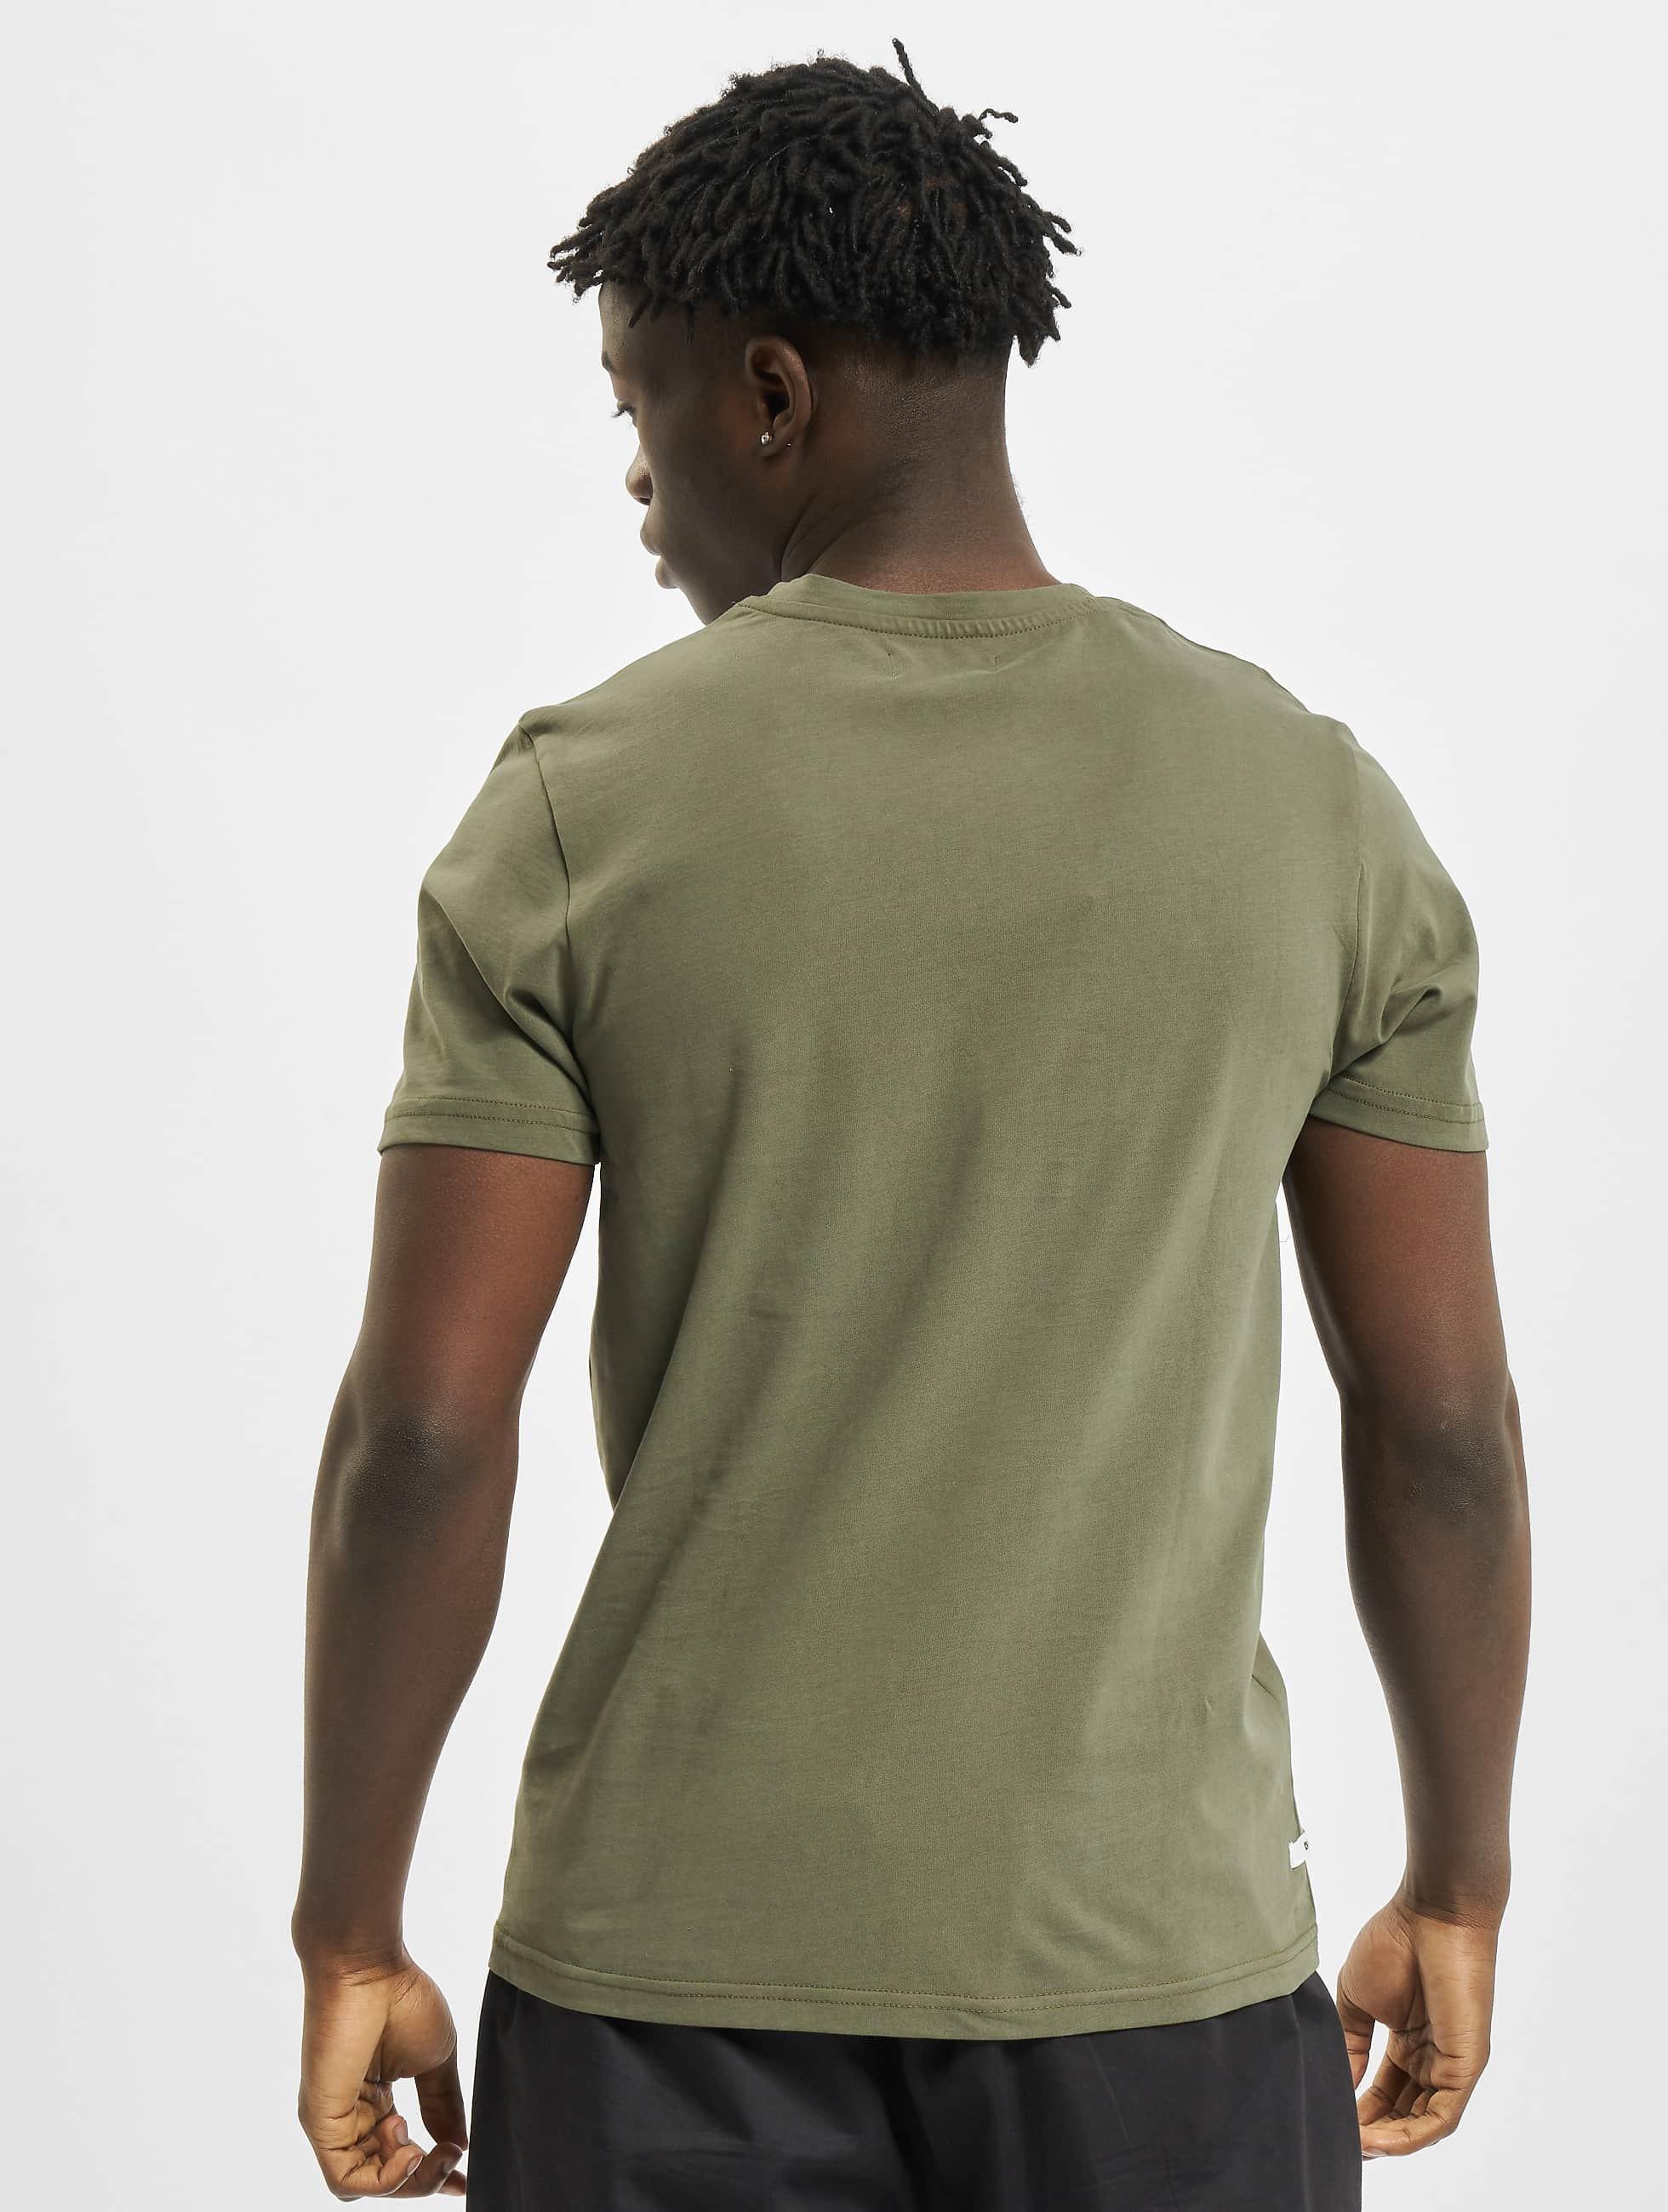 Kulte Camiseta Corpo College caqui